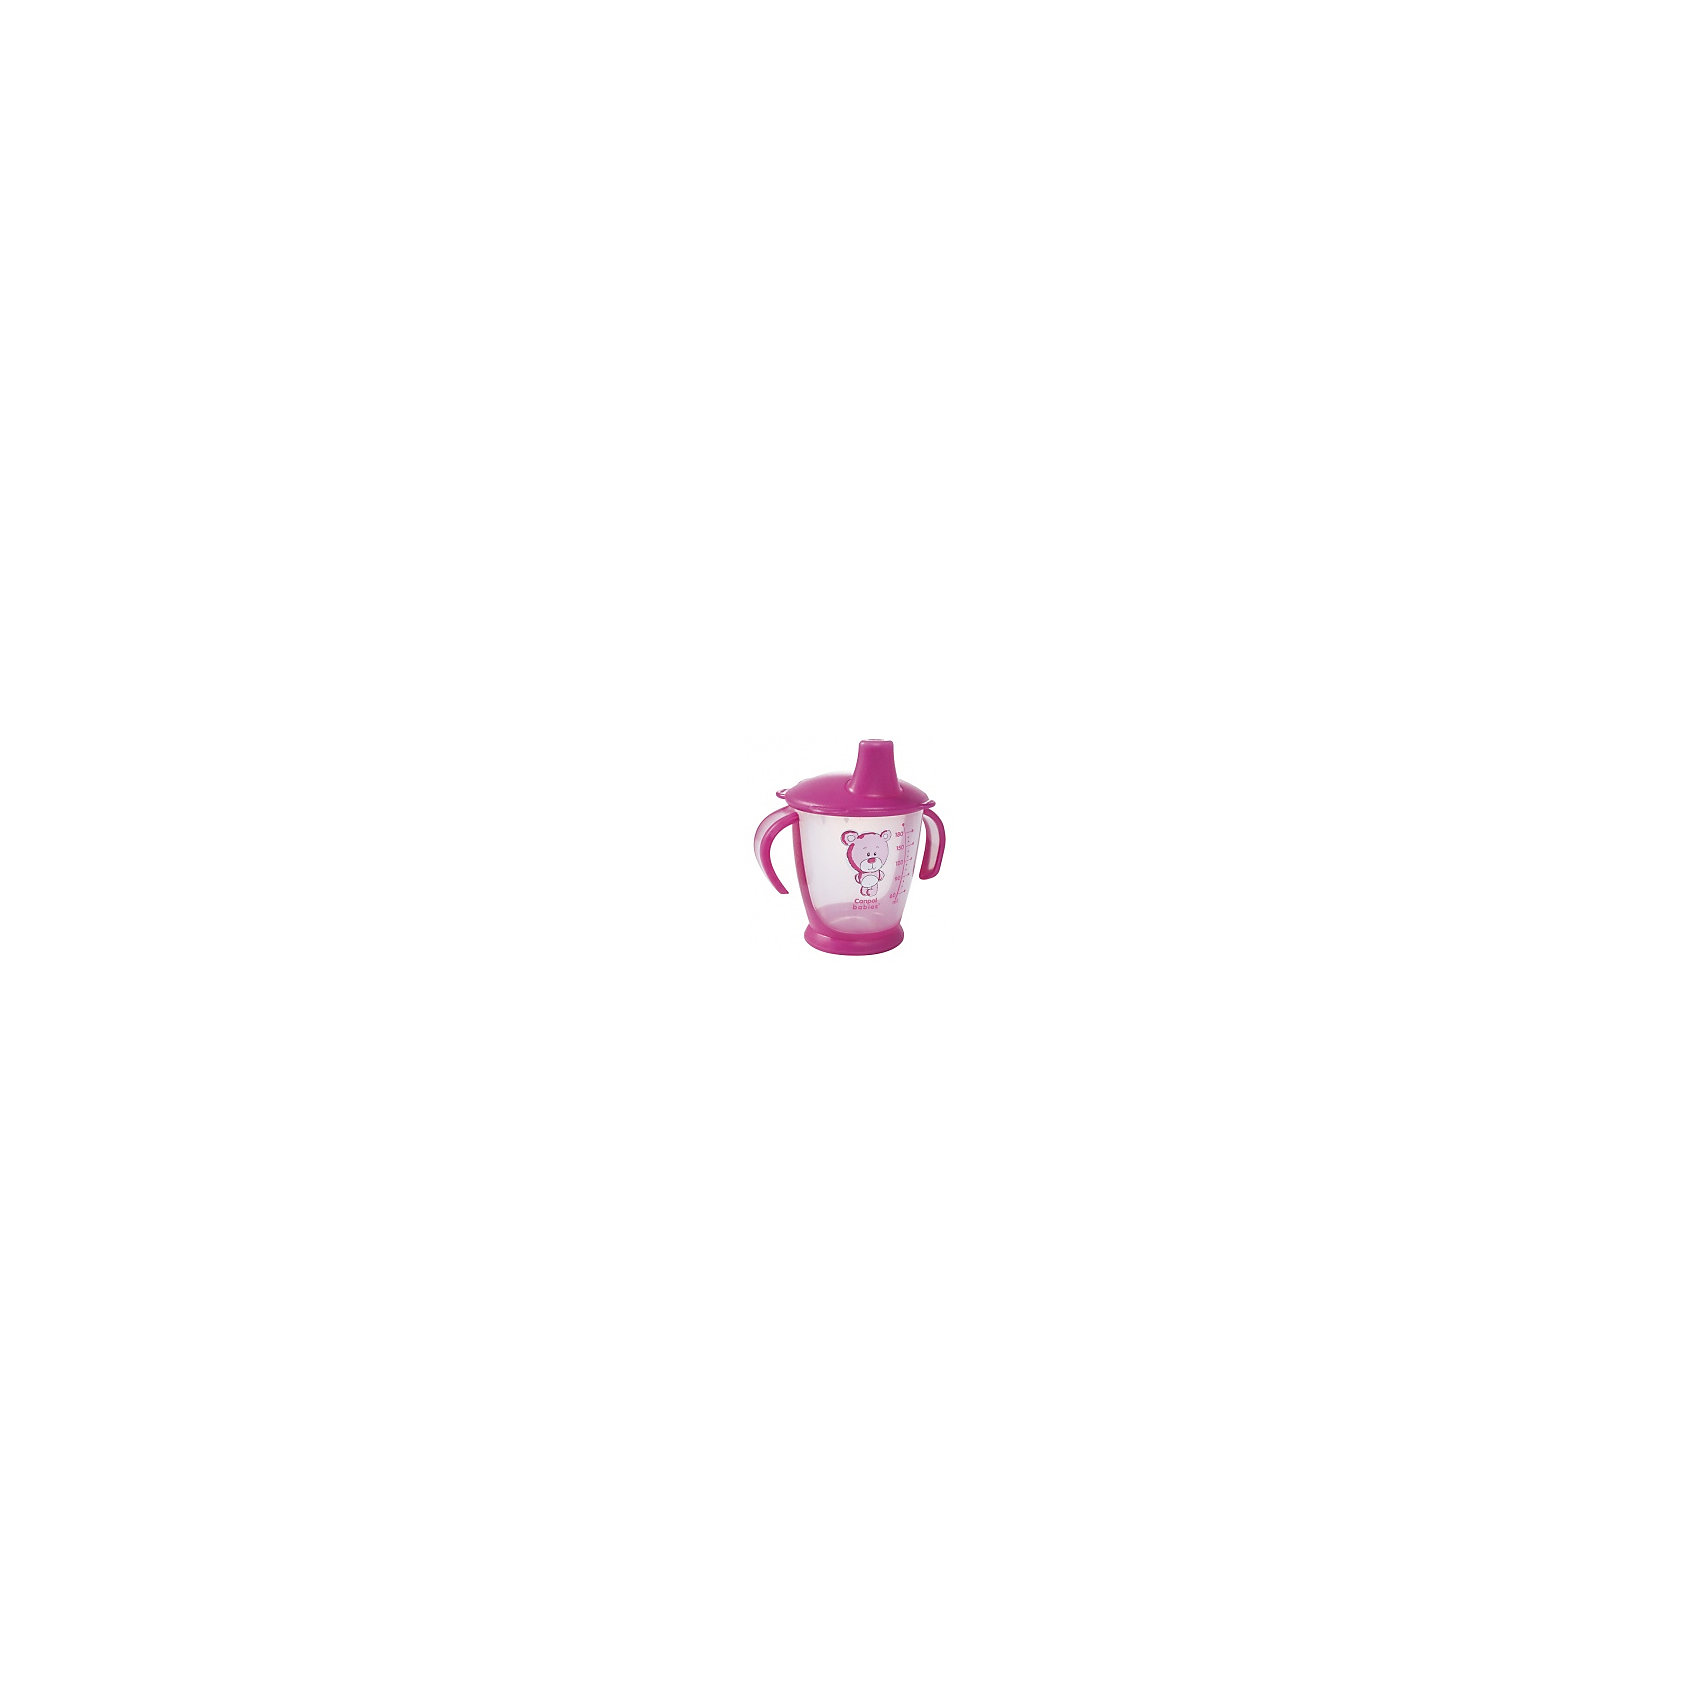 Поильник-непроливайка Медвежонок, 250 мл., Canpol Babies, розовыйПоильник-непроливайка Медвежонок от Canpol (Канпол) в ассортименте идеально подойдет для малышей, которые учатся пить из чашки. Удобные фигурные ручки позволяют ребенку легко держать поильник. Герметичная крышка оснащена специальным мягким носиком для питья, который не раздражает десны малыша и помогает ему комфортно перейти от кормления из бутылочки к питью из чашки.<br><br>Специальные клапаны предотвращают проливание жидкости, если поильник упадет или перевернется. Нескользящее дно обеспечивает поильнику устойчивое положение. Когда ребенок подрастет крышку можно снять и использовать поильник как обычную чашку. Поильник имеет яркий привлекательный для ребенка дизайн и украшен забавным рисунком медвежонка, имеется шкала с делениями, показывающая объем налитой жидкости.<br><br>Дополнительная информация:<br><br>- Материал: полипропилен.<br>- Объем: 250 мл.<br>- Размер упаковки: 15 х 11 х 9 см.<br>- Вес: 71 гр.<br><br>Поильник-непроливайку Медвежонок, Canpol (Канпол) можно купить в нашем интернет-магазине.<br><br>Ширина мм: 150<br>Глубина мм: 114<br>Высота мм: 90<br>Вес г: 88<br>Цвет: розовый<br>Возраст от месяцев: 9<br>Возраст до месяцев: 36<br>Пол: Женский<br>Возраст: Детский<br>SKU: 4340051